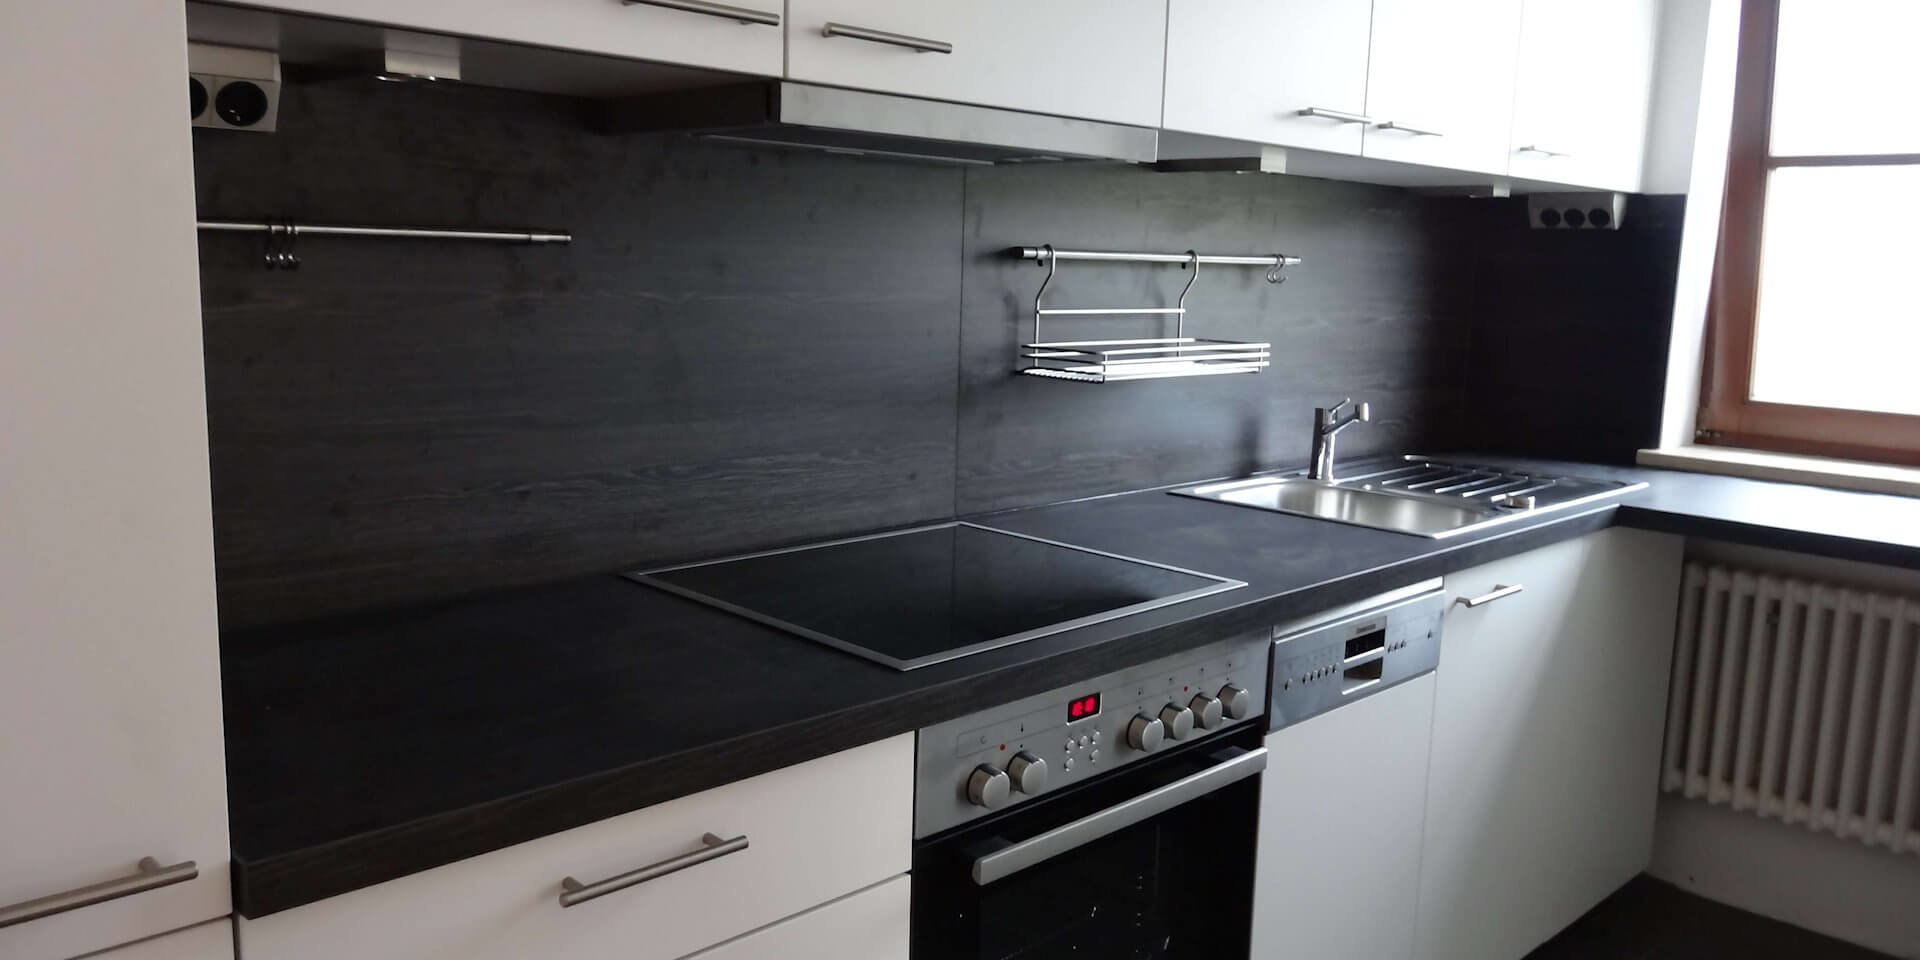 Full Size of Java Schiefer Arbeitsplatte Nolte Küche Sideboard Mit Arbeitsplatten Wohnzimmer Java Schiefer Arbeitsplatte